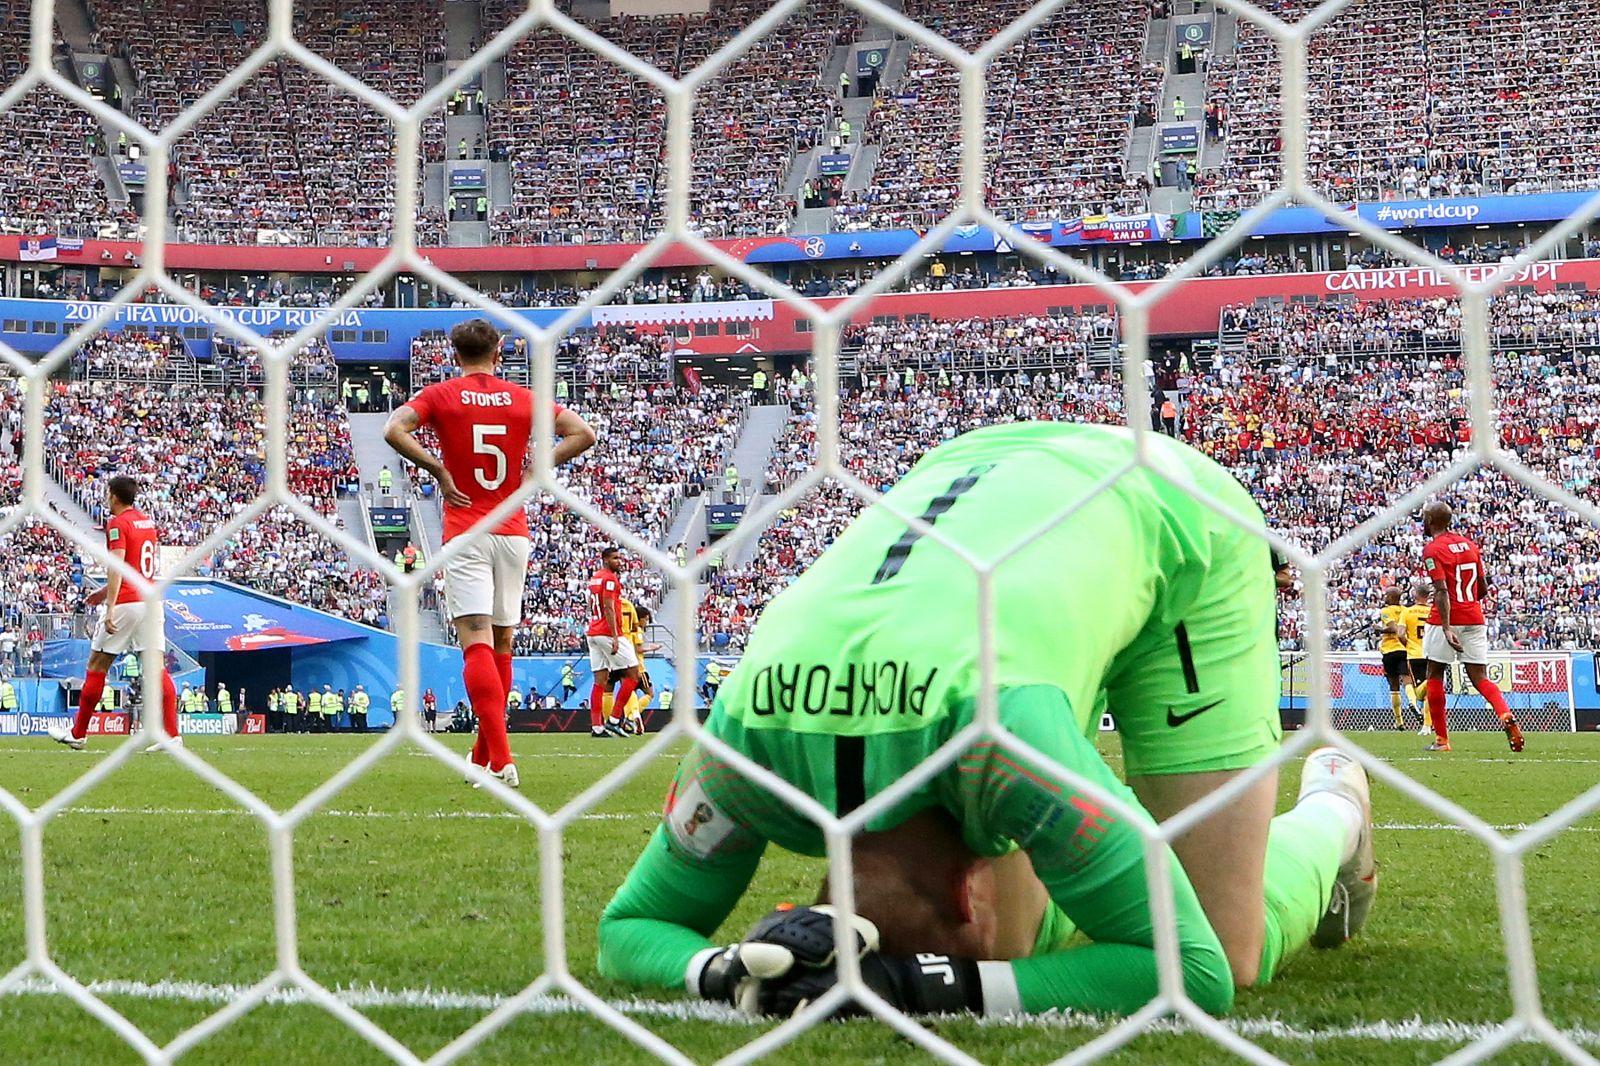 حارس المنتخب الانجليزي بعد الهدف الأول في شباكه بأقدام المنتخب البلجيكي